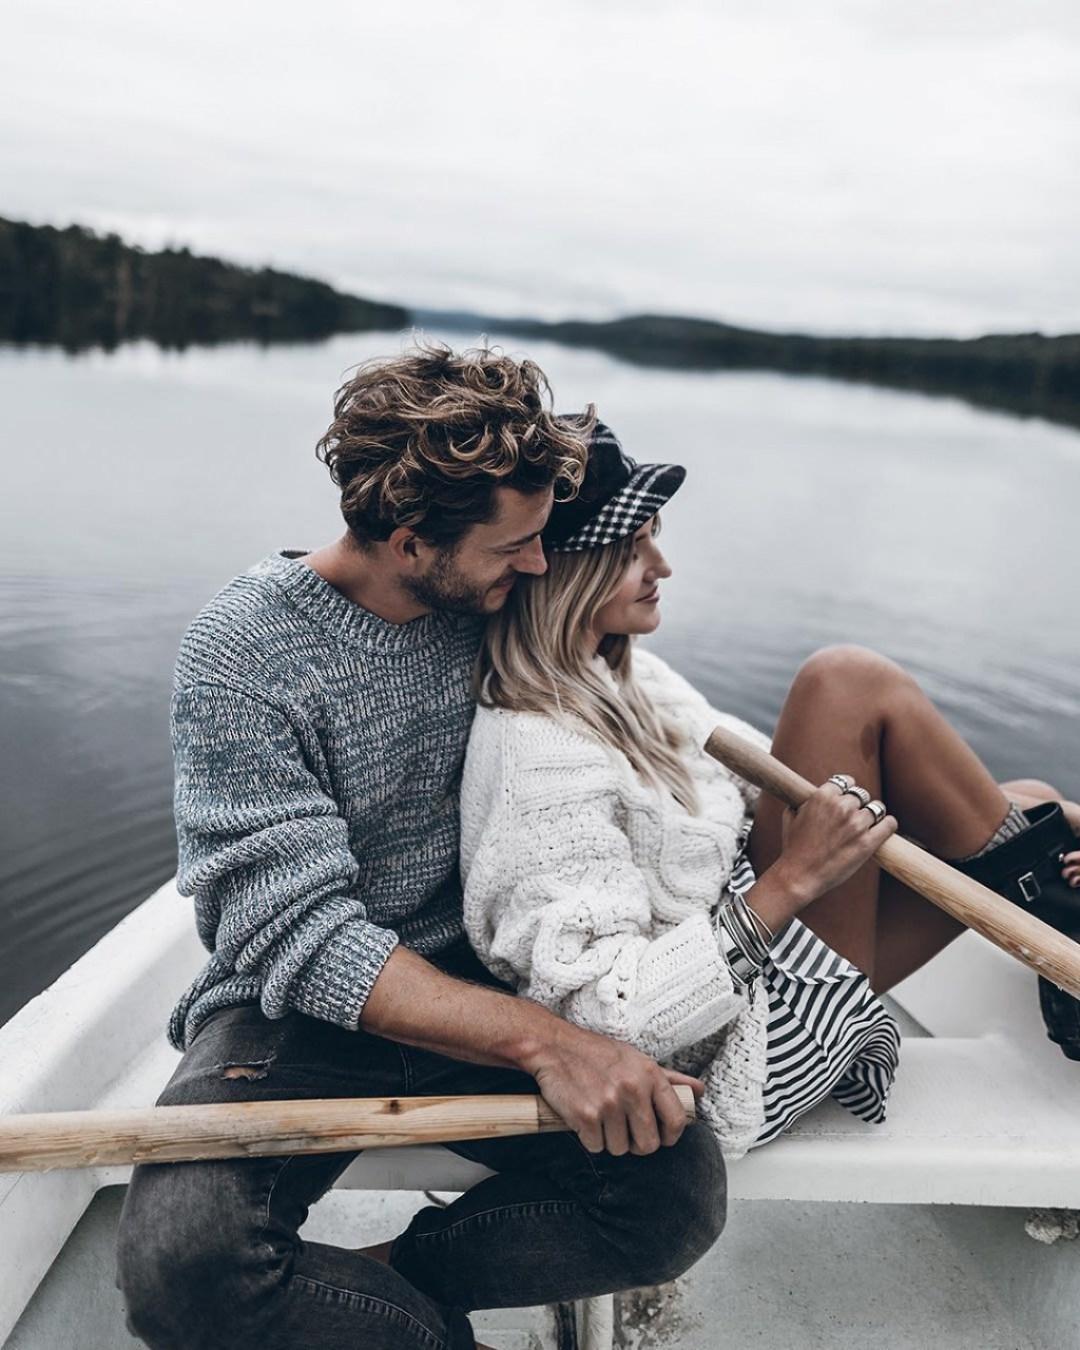 Мужчина или парень хочет не просто дружить с тобой, а нечто большее. Признаки и намеки